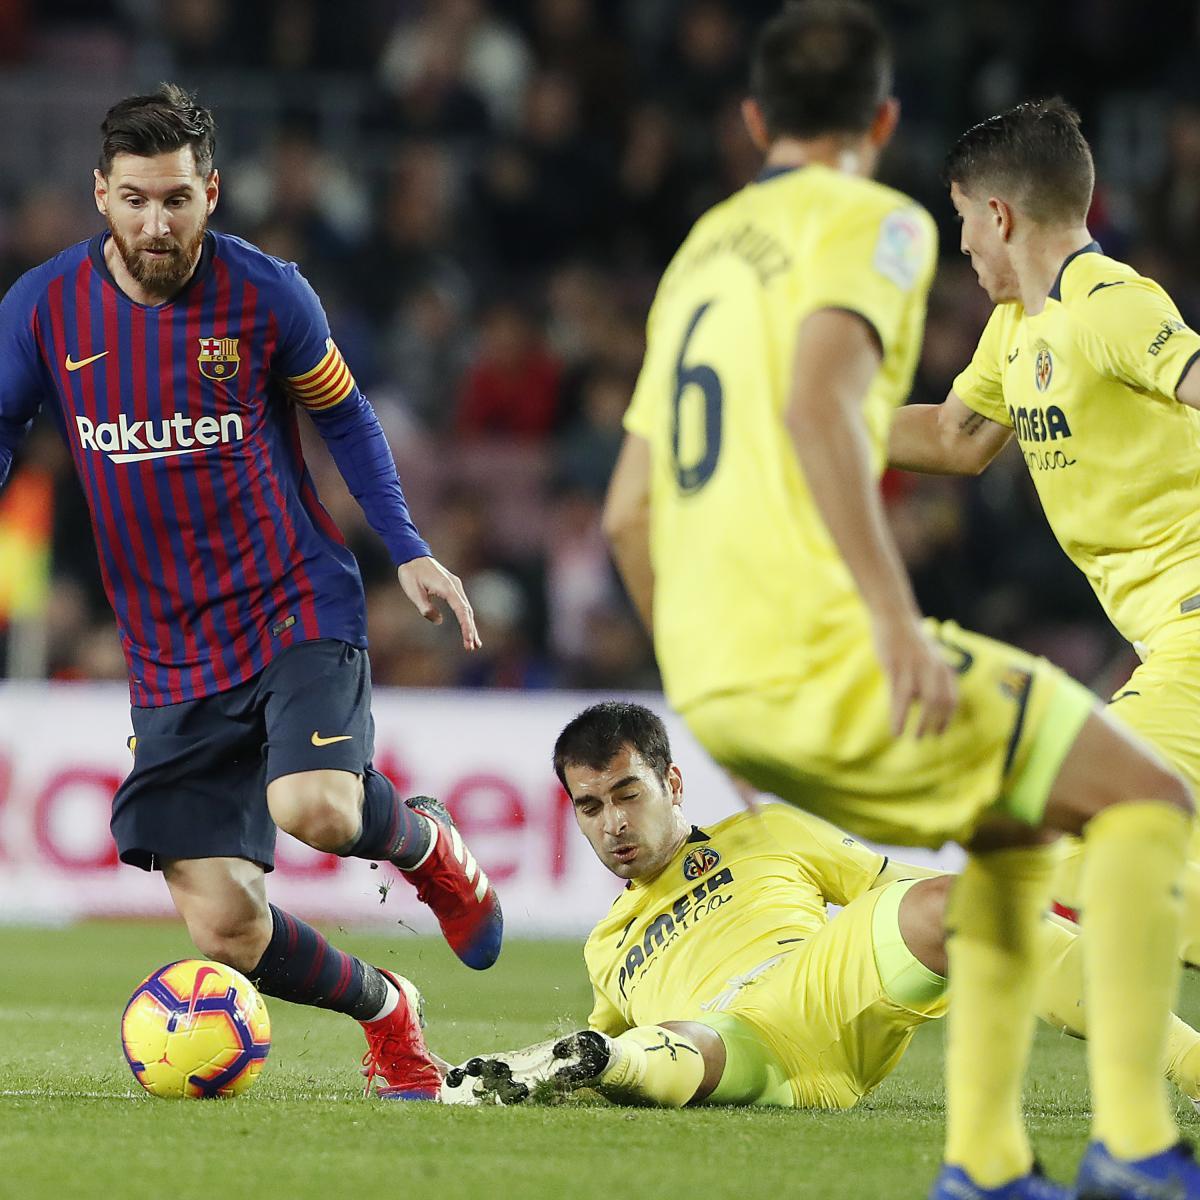 Celta Vigo Vs Barcelona Predictions Today: Villarreal Vs. Barcelona: Odds, Preview, Live Stream, TV